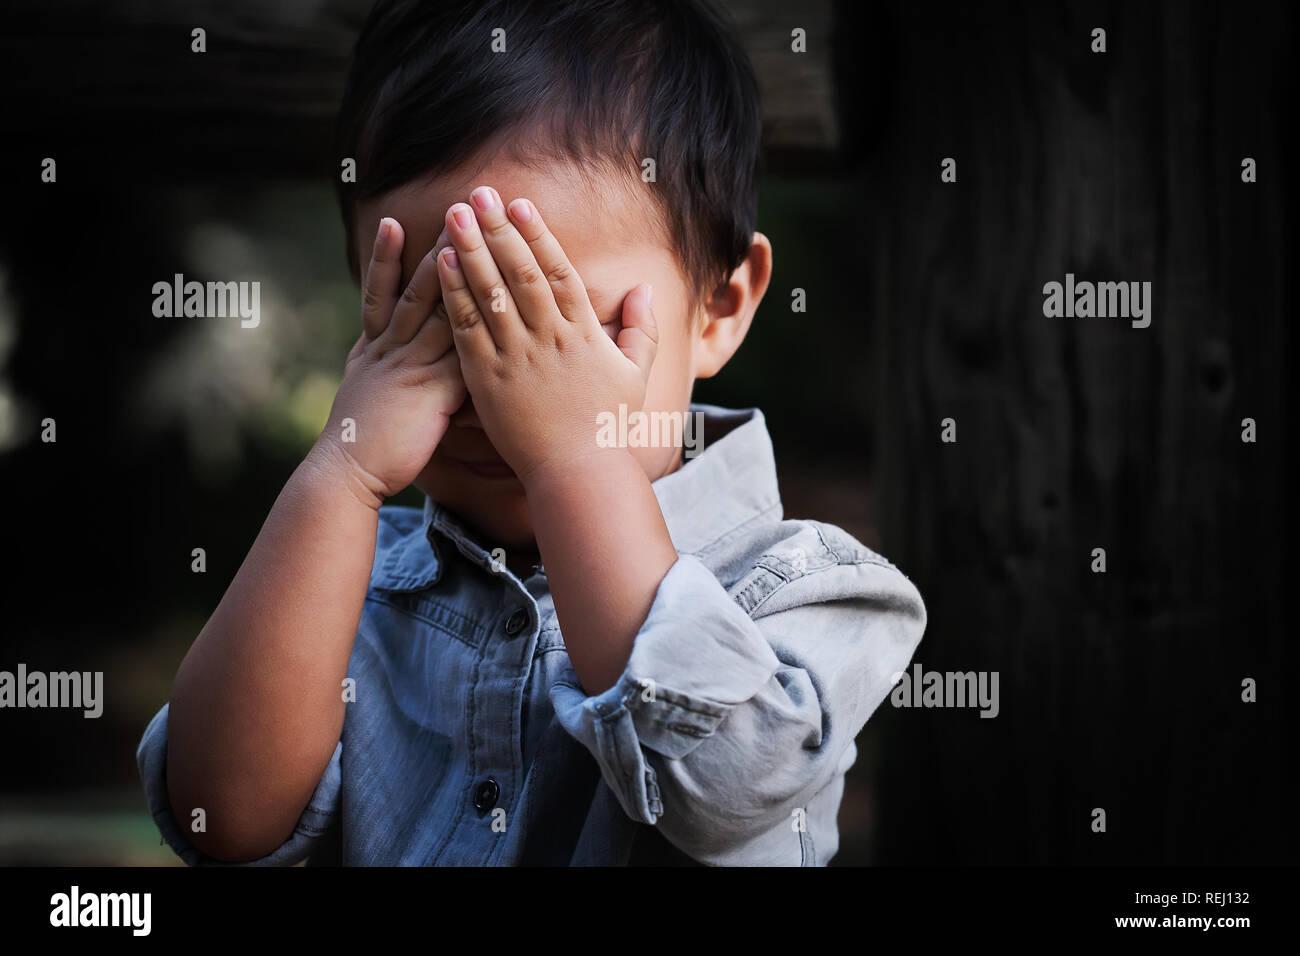 Un joven niño de edad que cubre su rostro con las manos, mostrando signos de ansiedad, miedo y decepción. Foto de stock